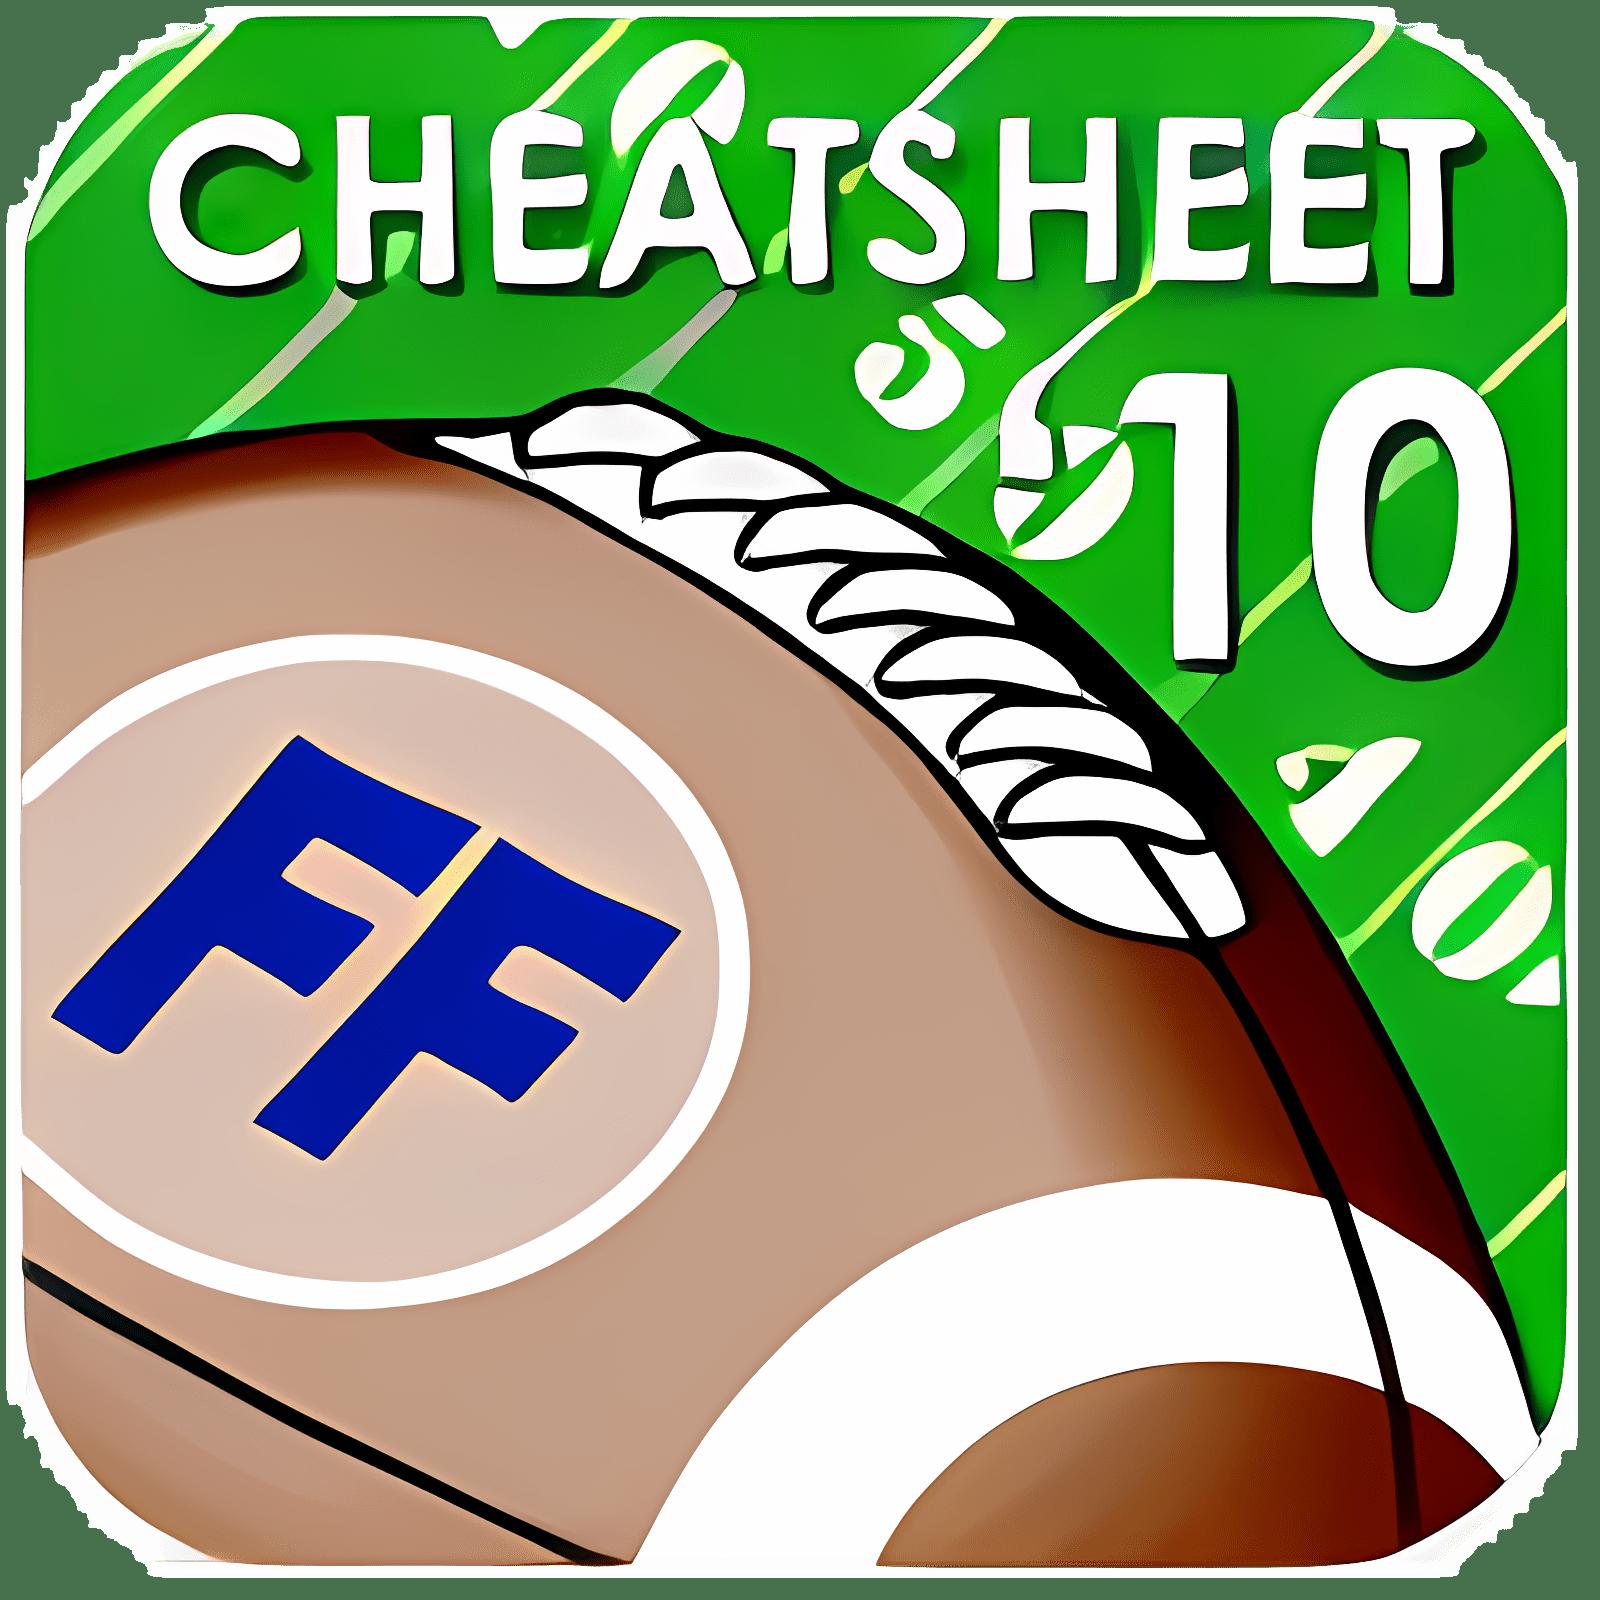 Fantasy Football Cheatsheet '10